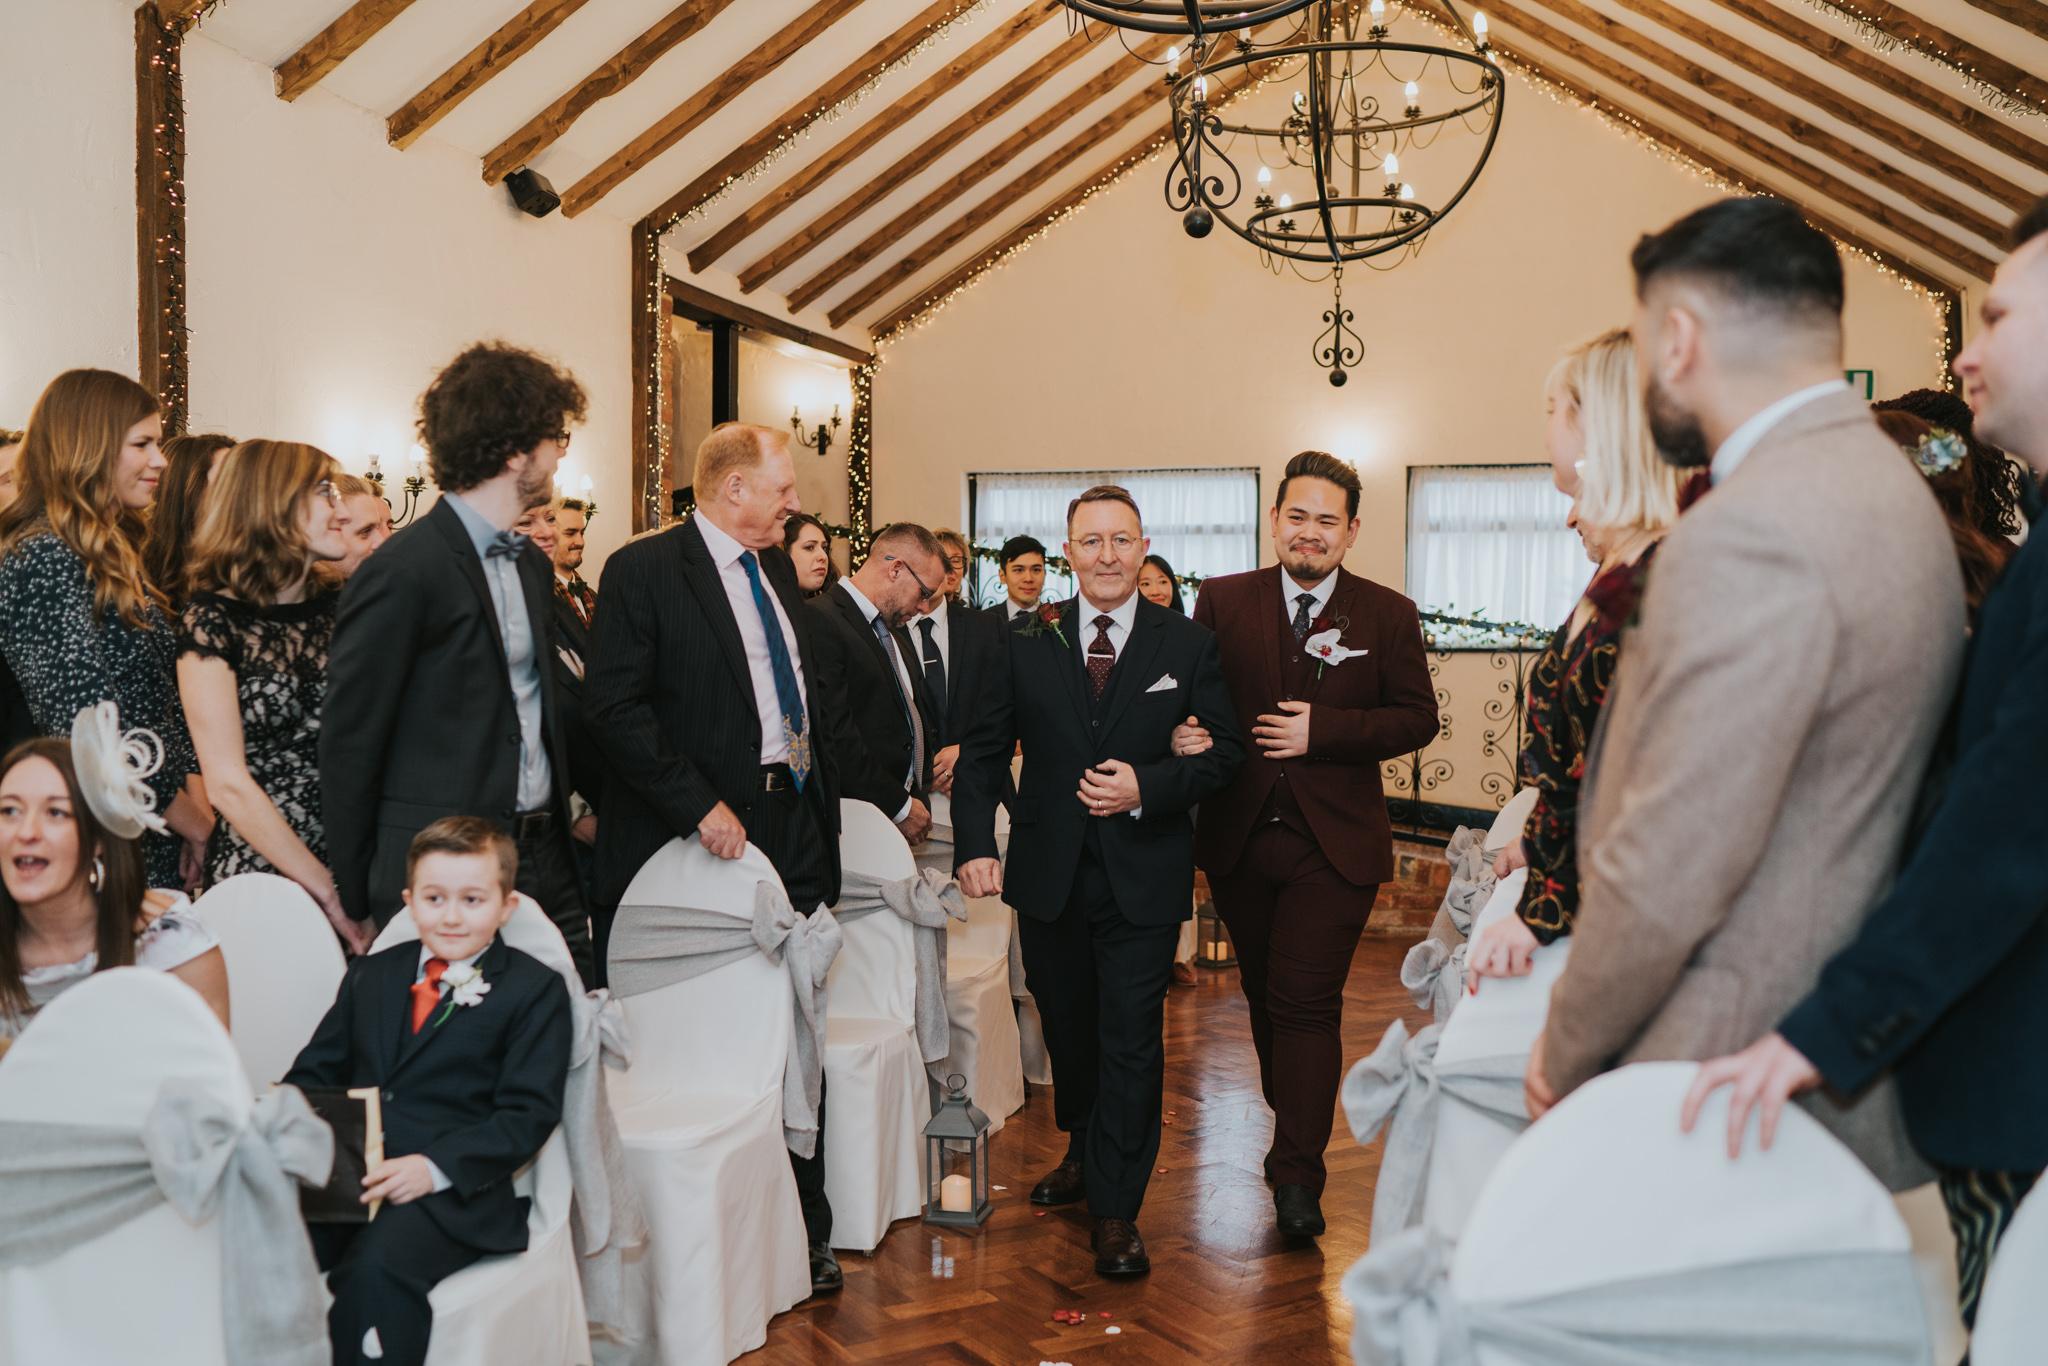 mark-laurence-crondon-park-same-sex-wedding-grace-elizabeth-colchester-essex-alternative-wedding-photographer-suffolk-norfolk-devon (8 of 33).jpg